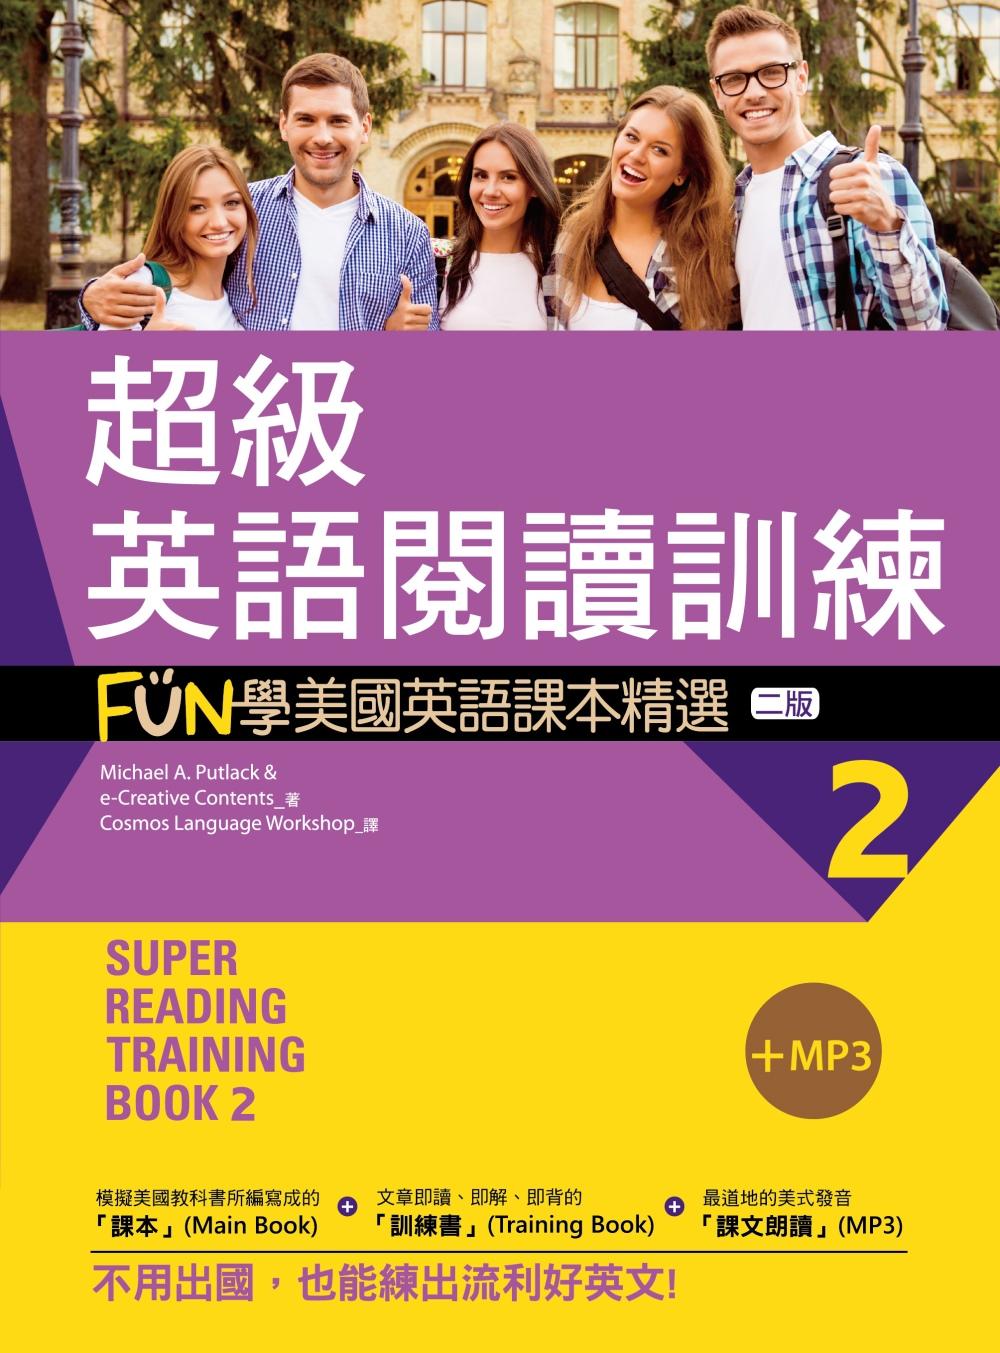 超級英語閱讀訓練2:FUN學美國英語課本精選【二版】(20K +1MP3)